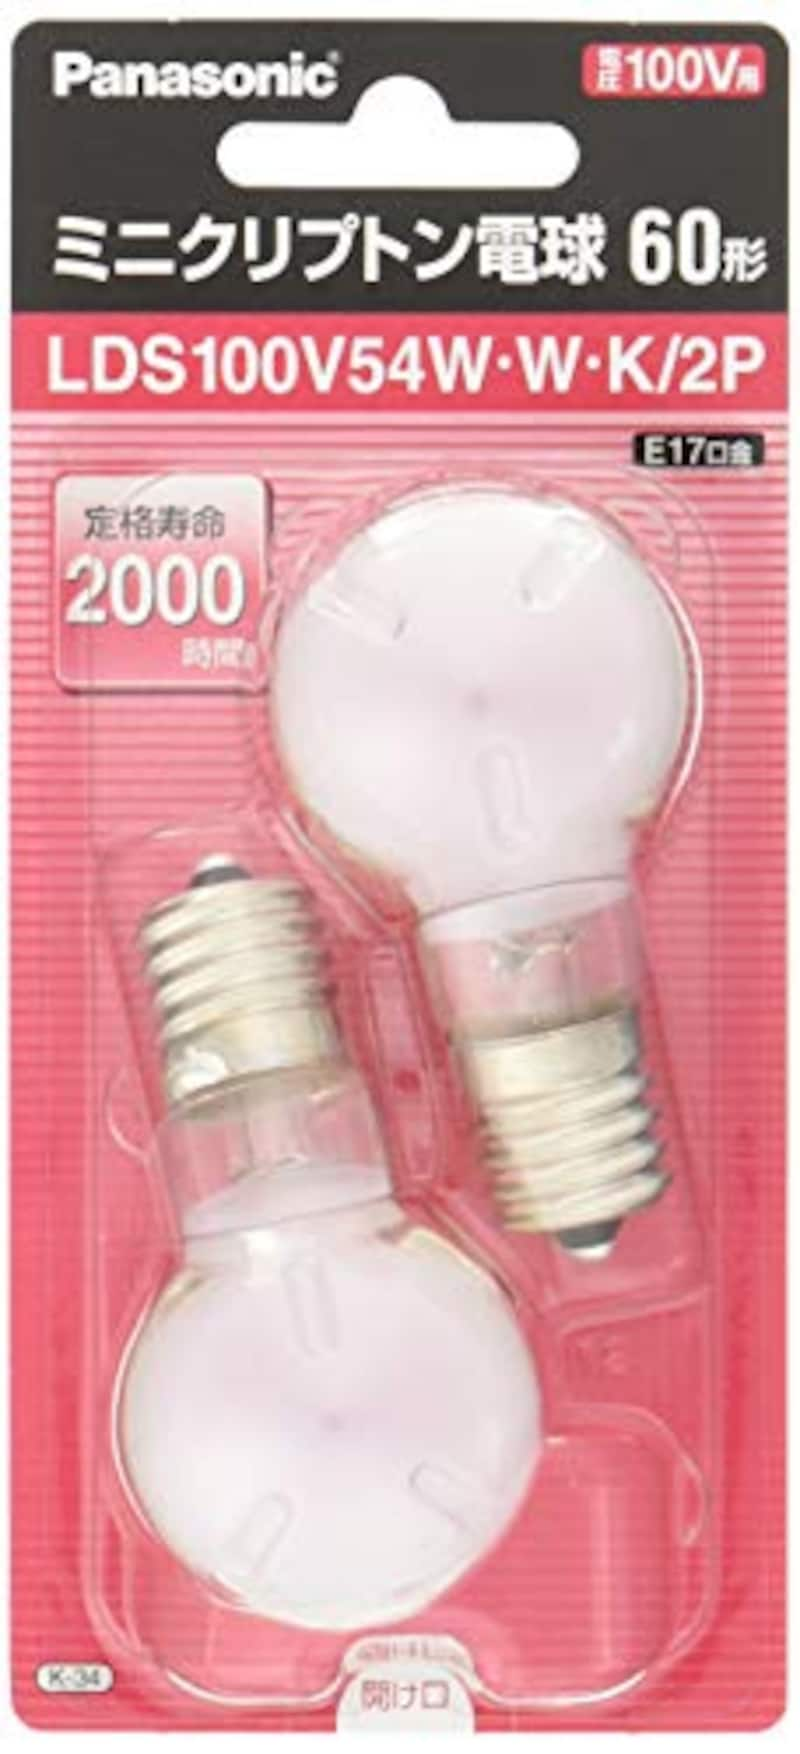 パナソニック,ミニクリプトン電球 ,LDS100V54WWK2P